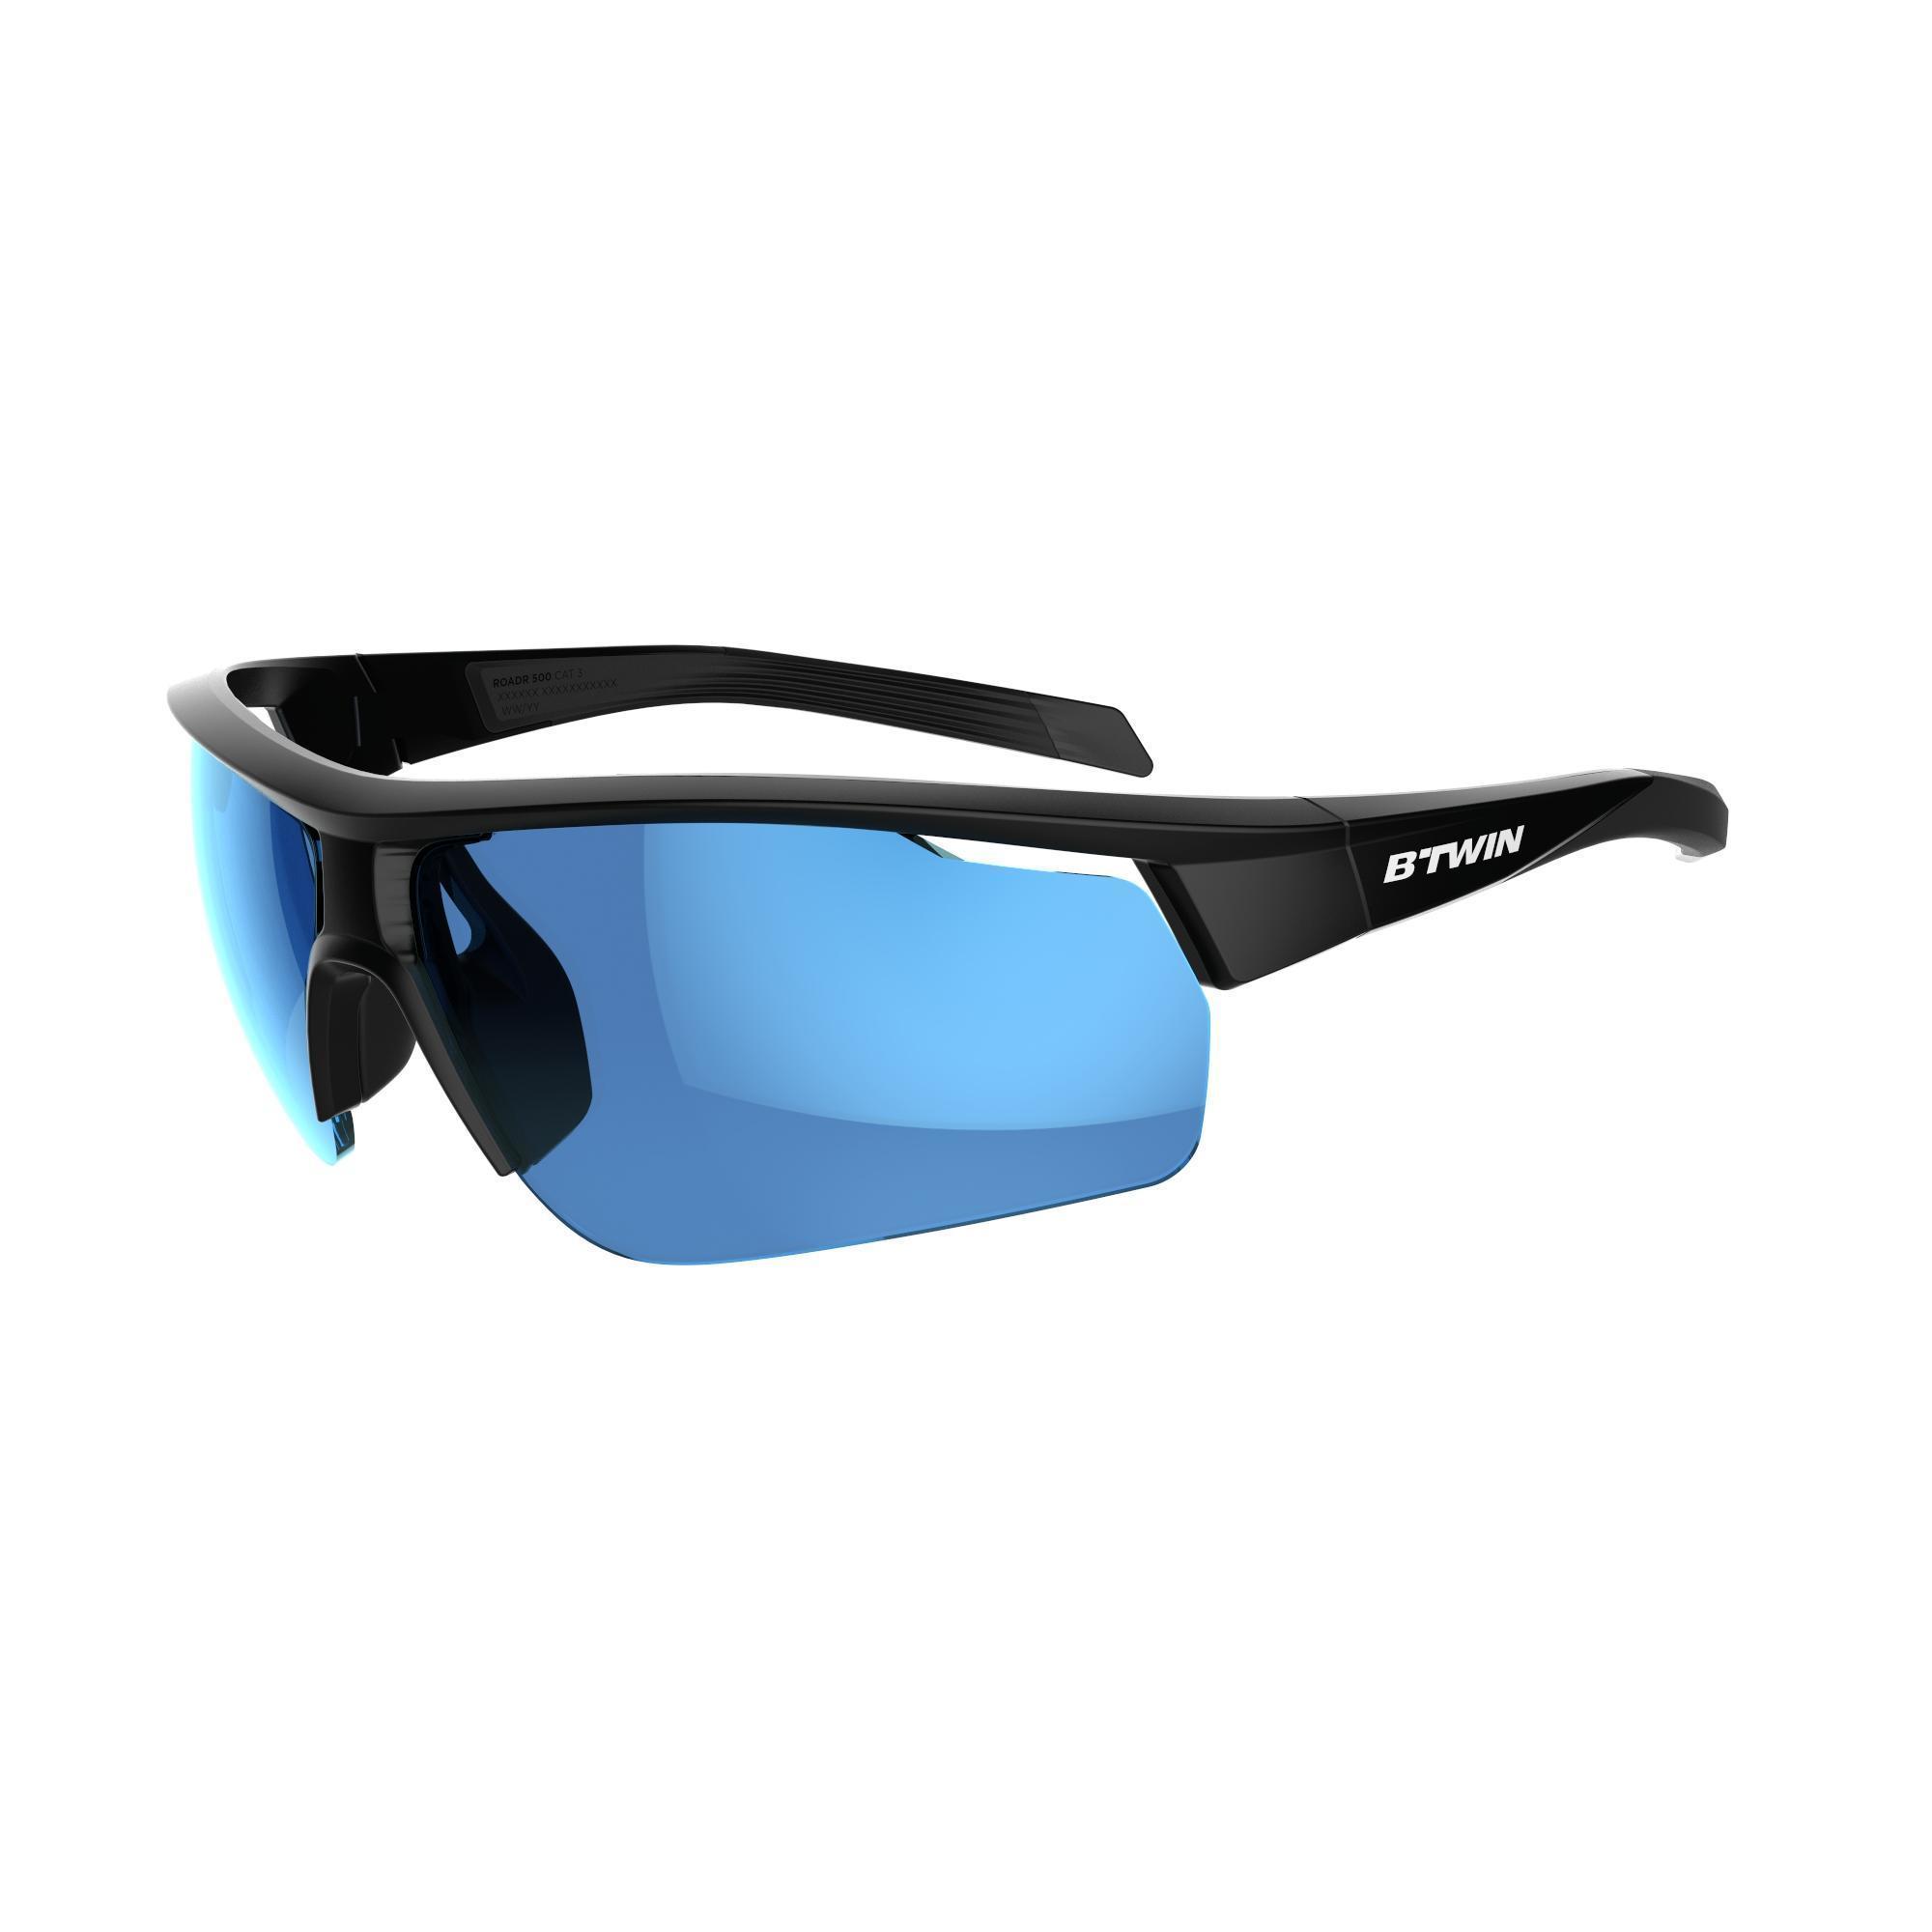 Van rysel Fietsbril volwassenen Roadr 500 categorie 3 zwart kopen? Sport>Sportbrillen>Zonnebrillen met voordeel vind je hier